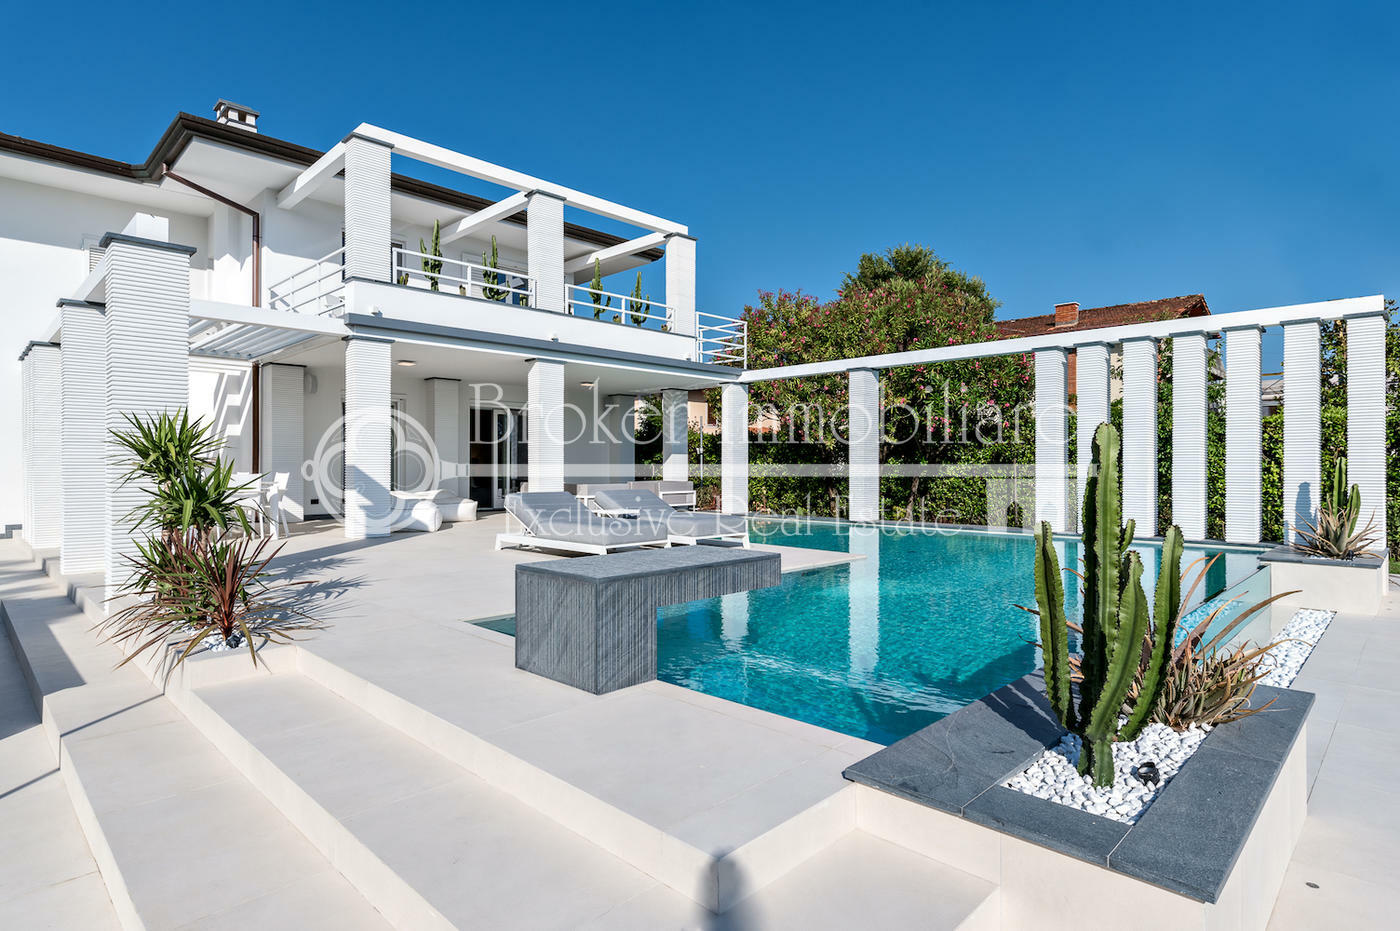 Moderna villa di lusso con piscina in vendita a Forte dei Marmi